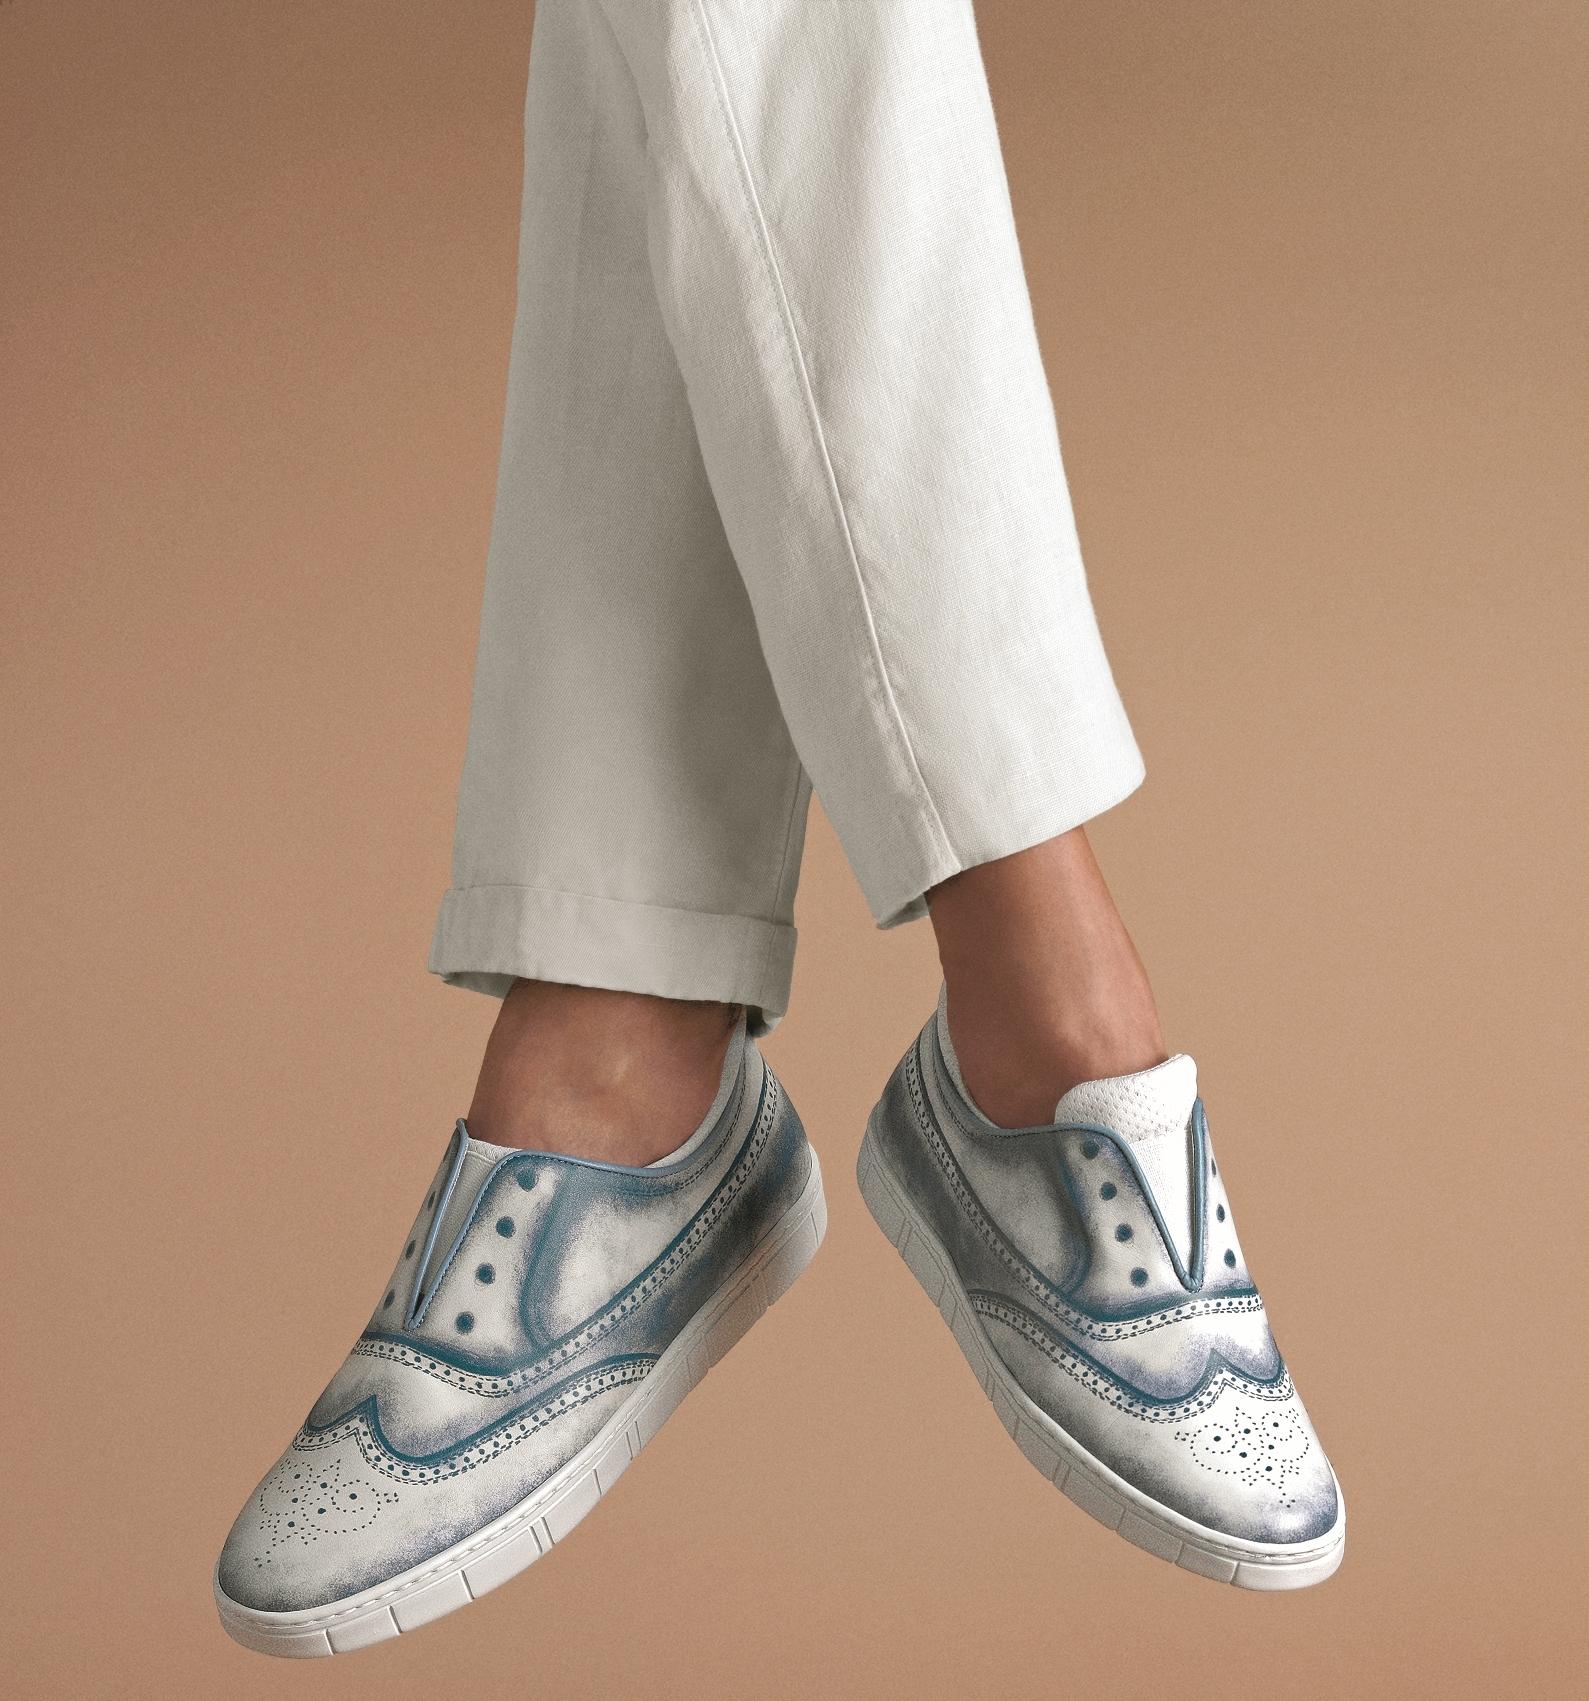 當紳士鞋遇上街頭塗鴉─a.testoni「影子」系列紳士鞋